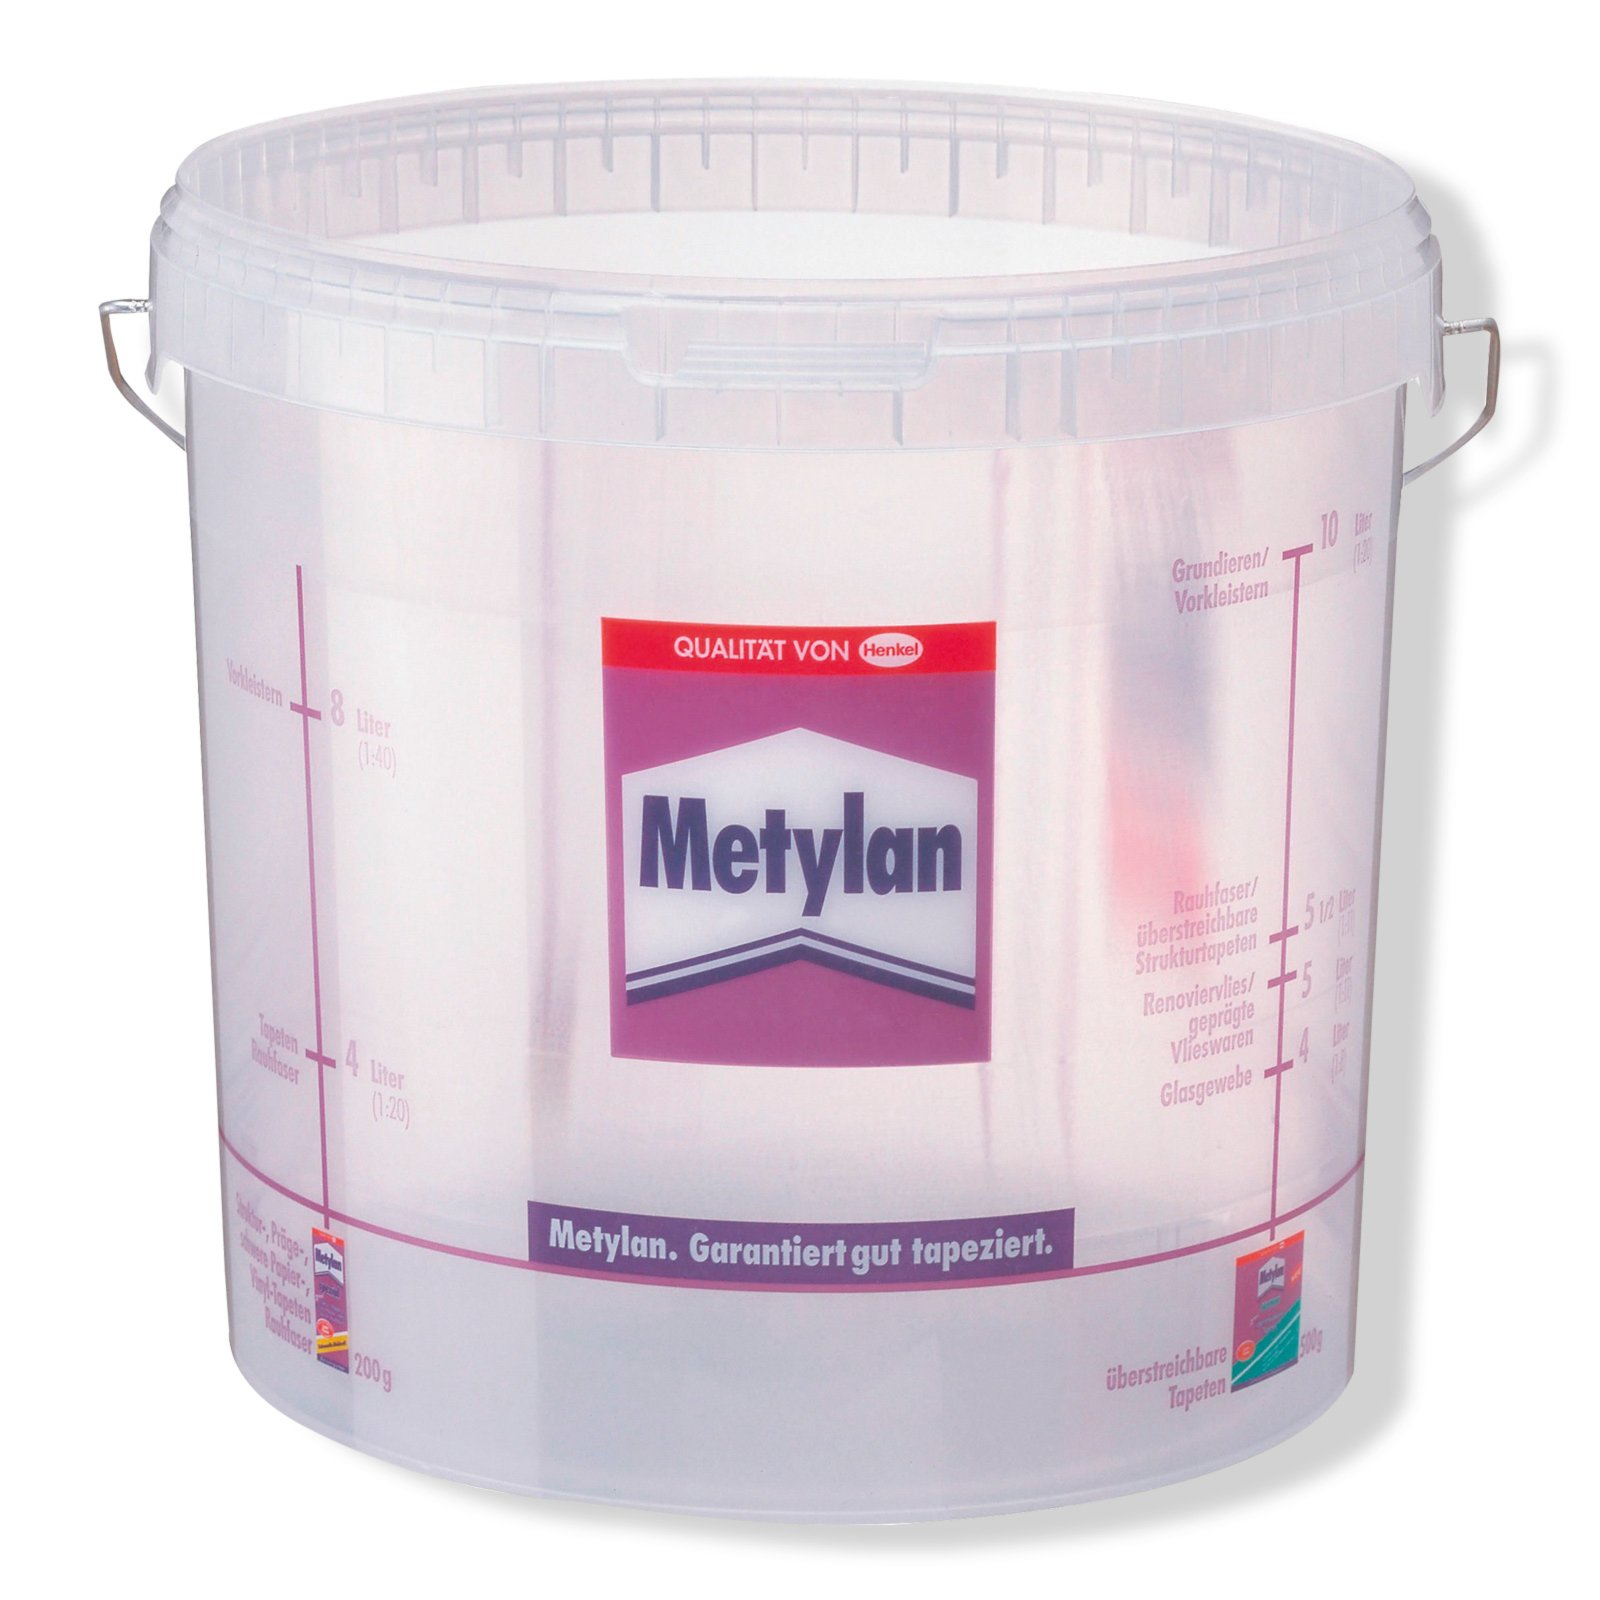 Metylan Tapeziereimer  10 Liter  Tapezierzubehör  ~ Spülbecken Liter